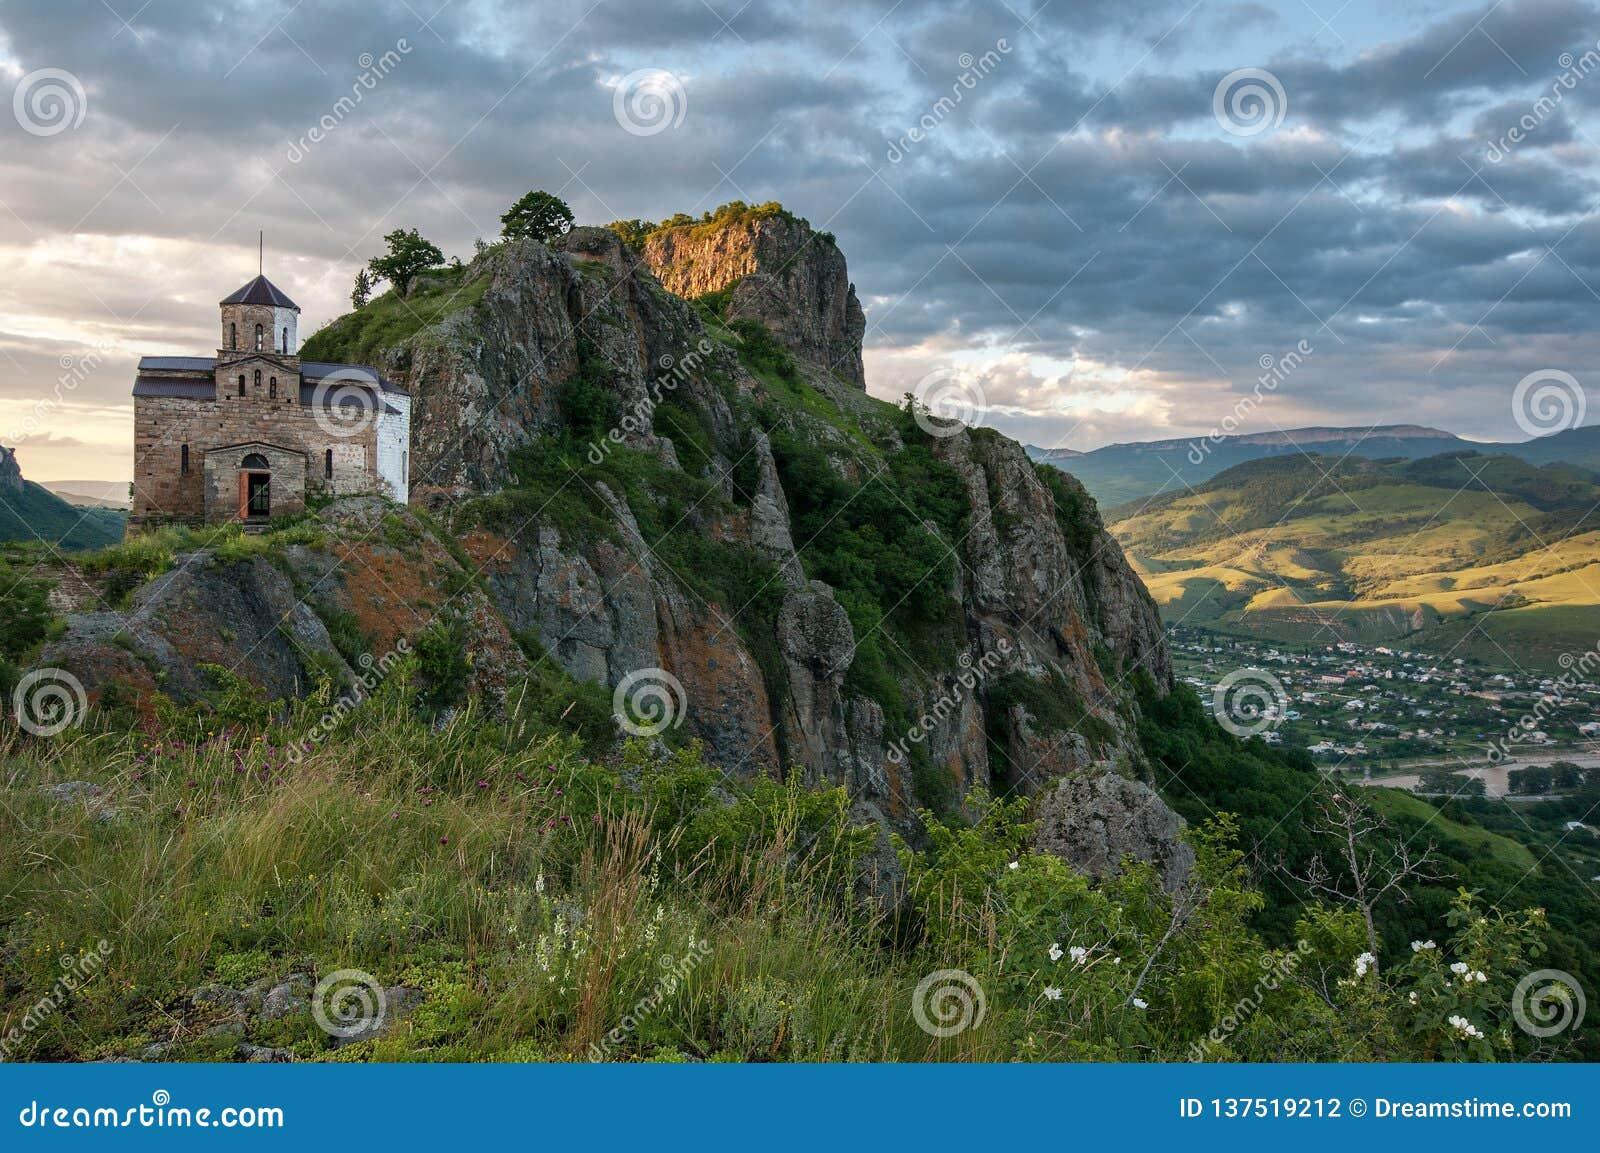 Berg tempel, relikskrin, historia, floder, snö, moln